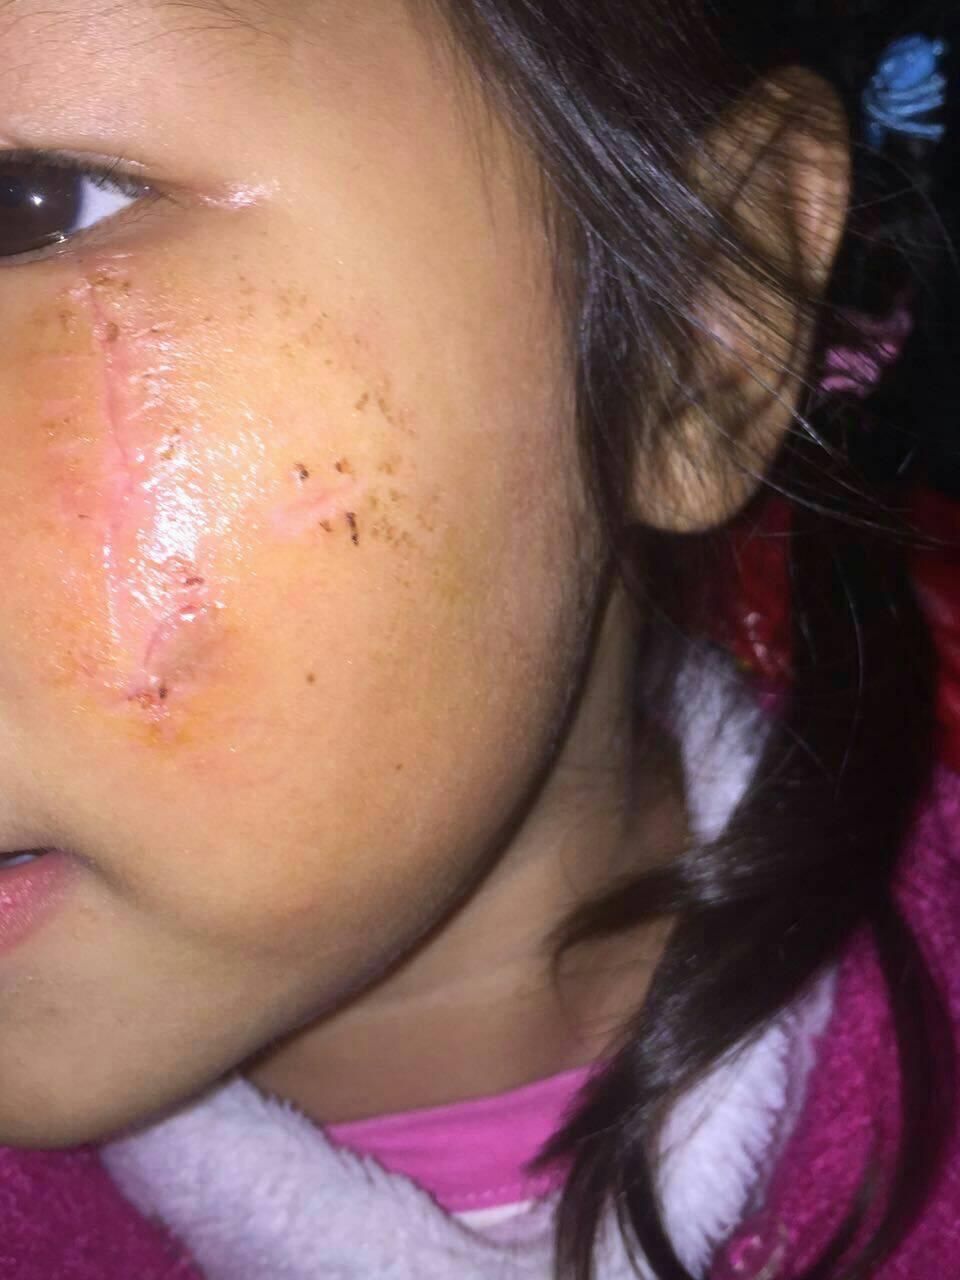 划破伤口怎么处理,十月十九号手拿玻璃茶杯跌跟头,把左眼下眼皮下面划破,现在针线拆了。请问现在伤口怎么处理就不会留下疤痕?